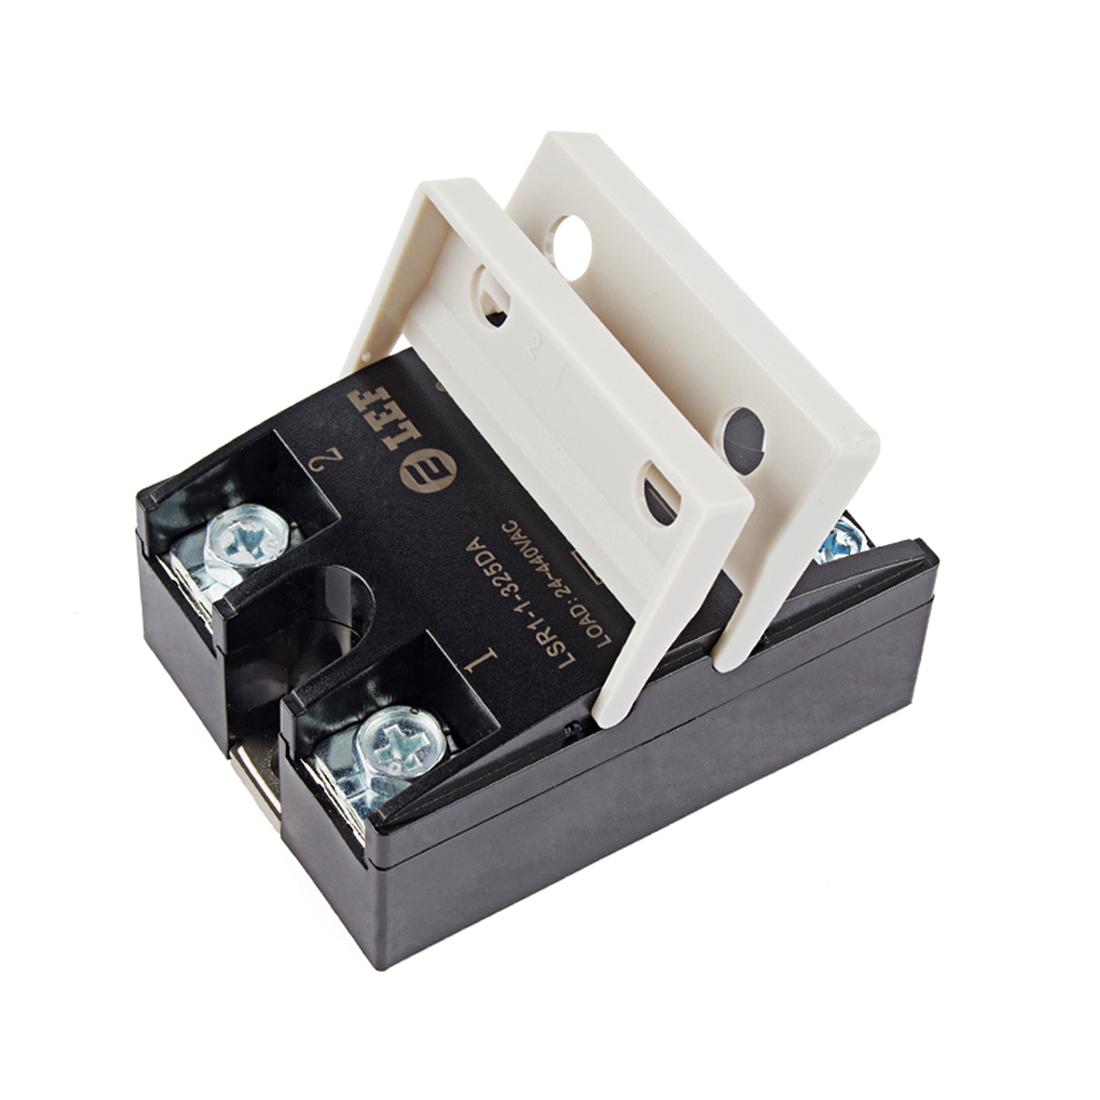 SSR-25DA-H 25A Solid State Relay Module 3-32V DC / 90-480V AC + Heat Sink